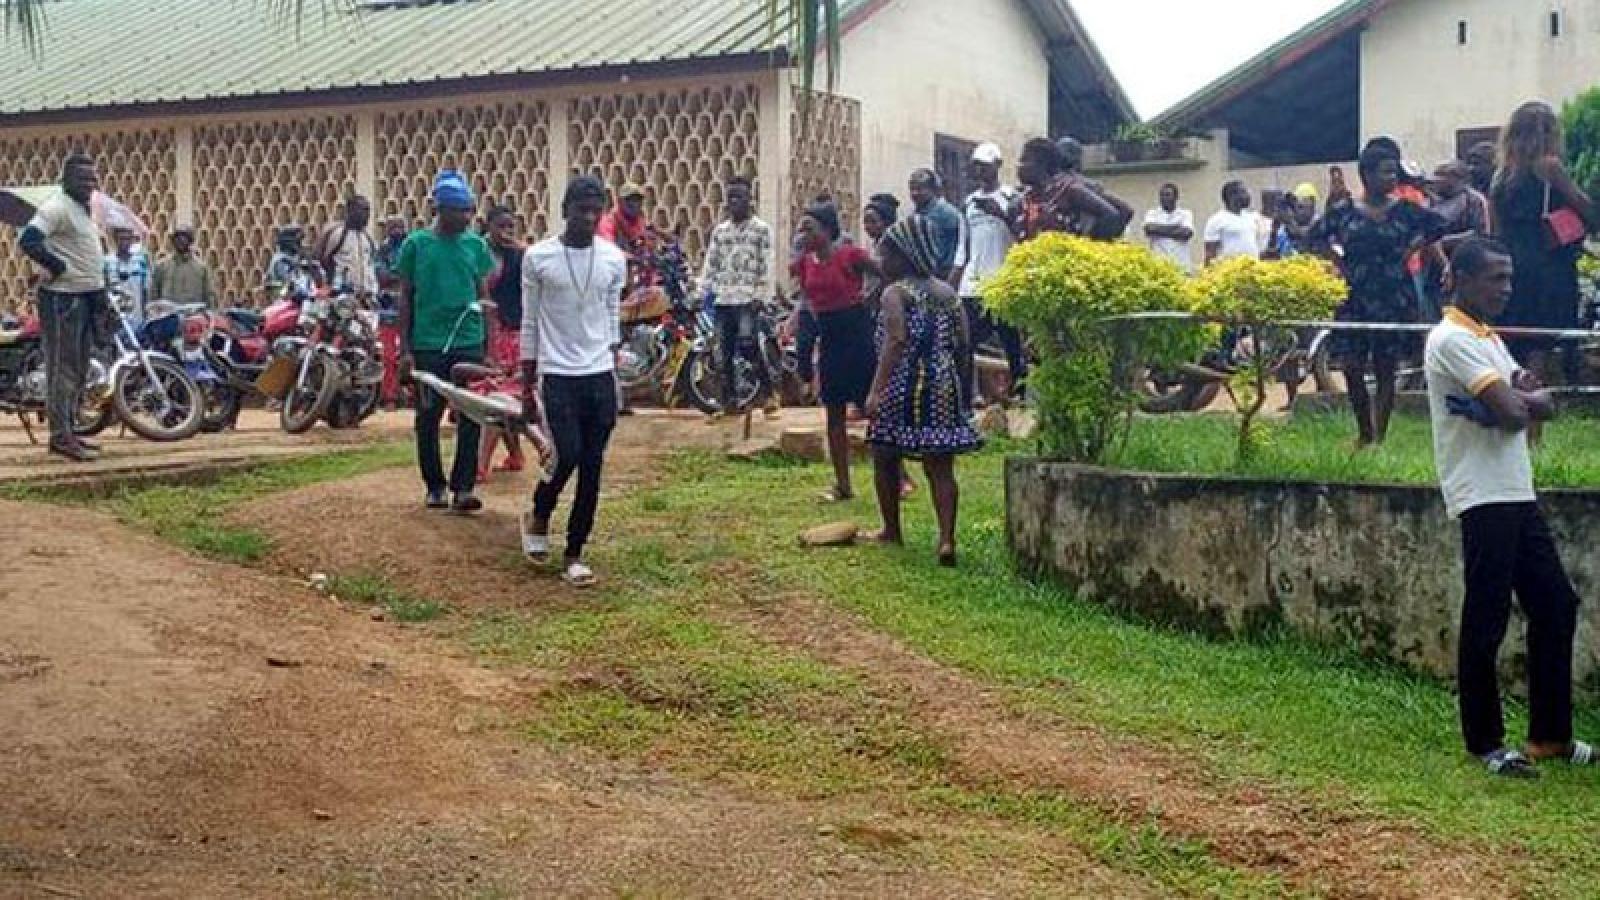 Cameroonchấn động sau vụ tấn công trường học